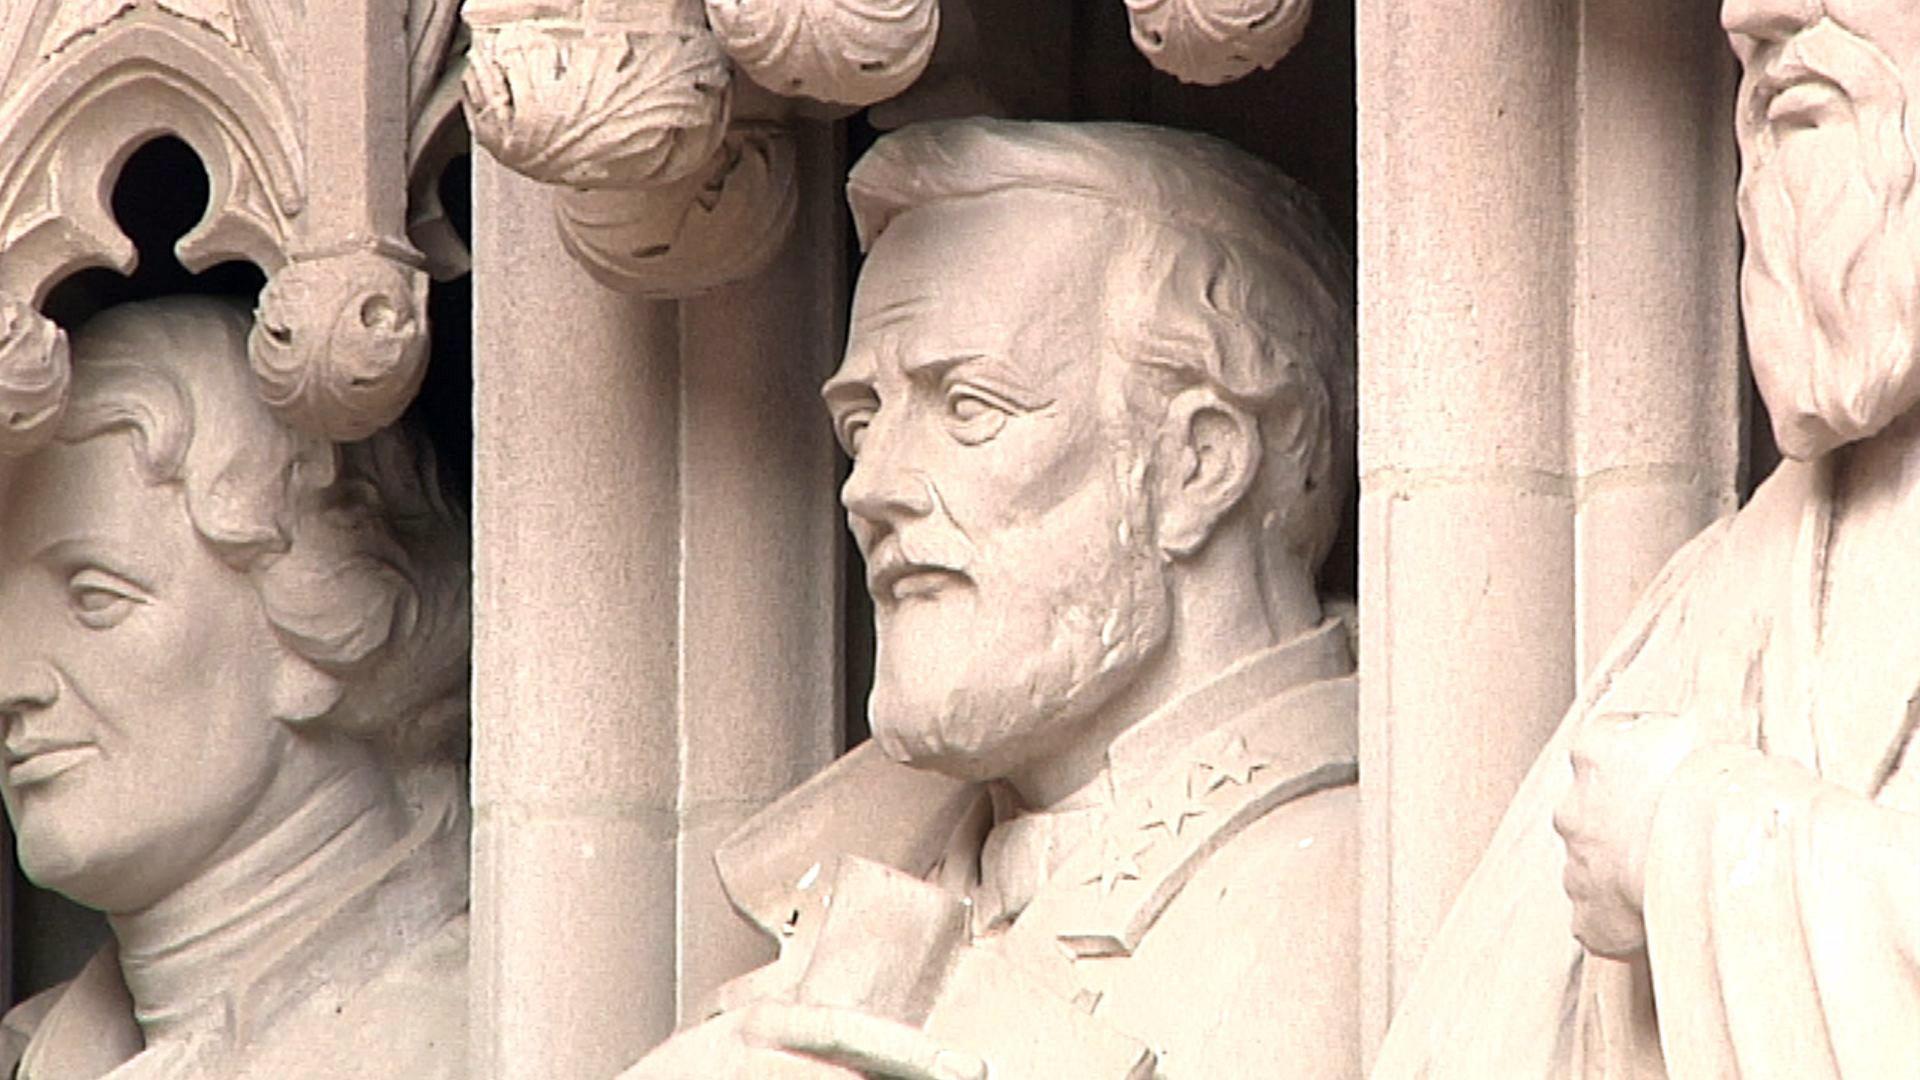 Duke University Removes Robert E. Lee Statue